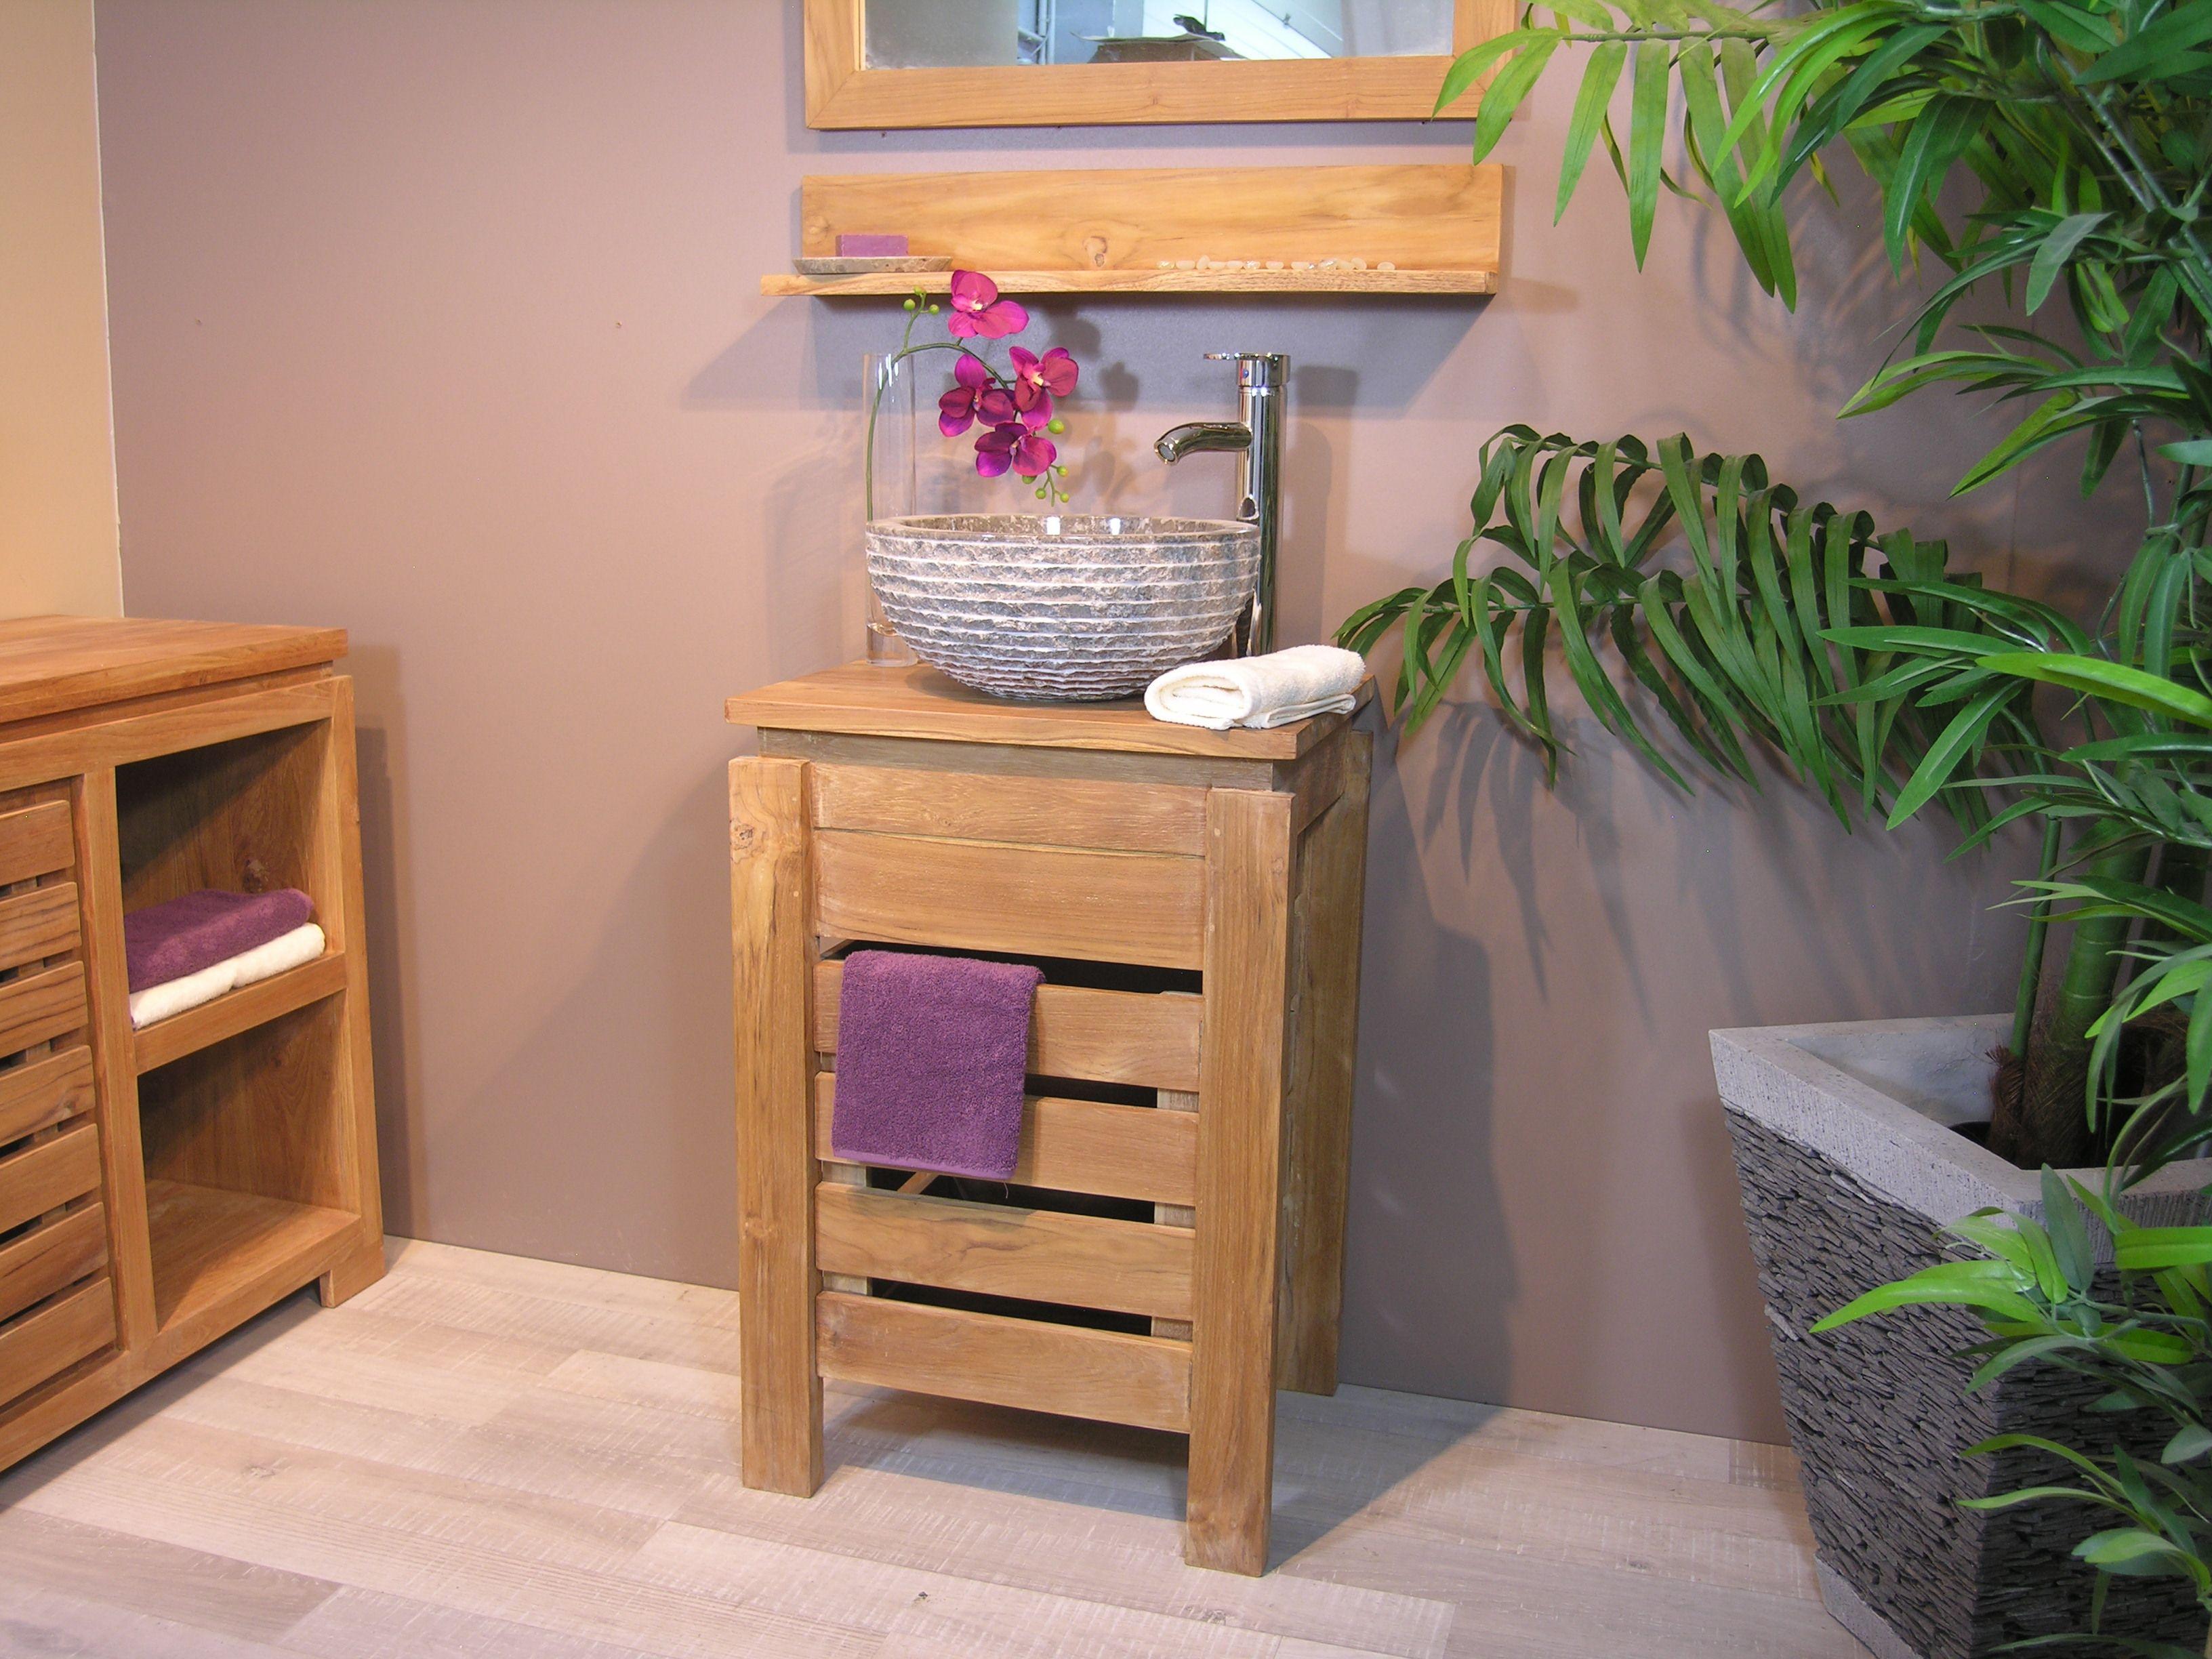 meuble zen salle de bain en teck 50 cm